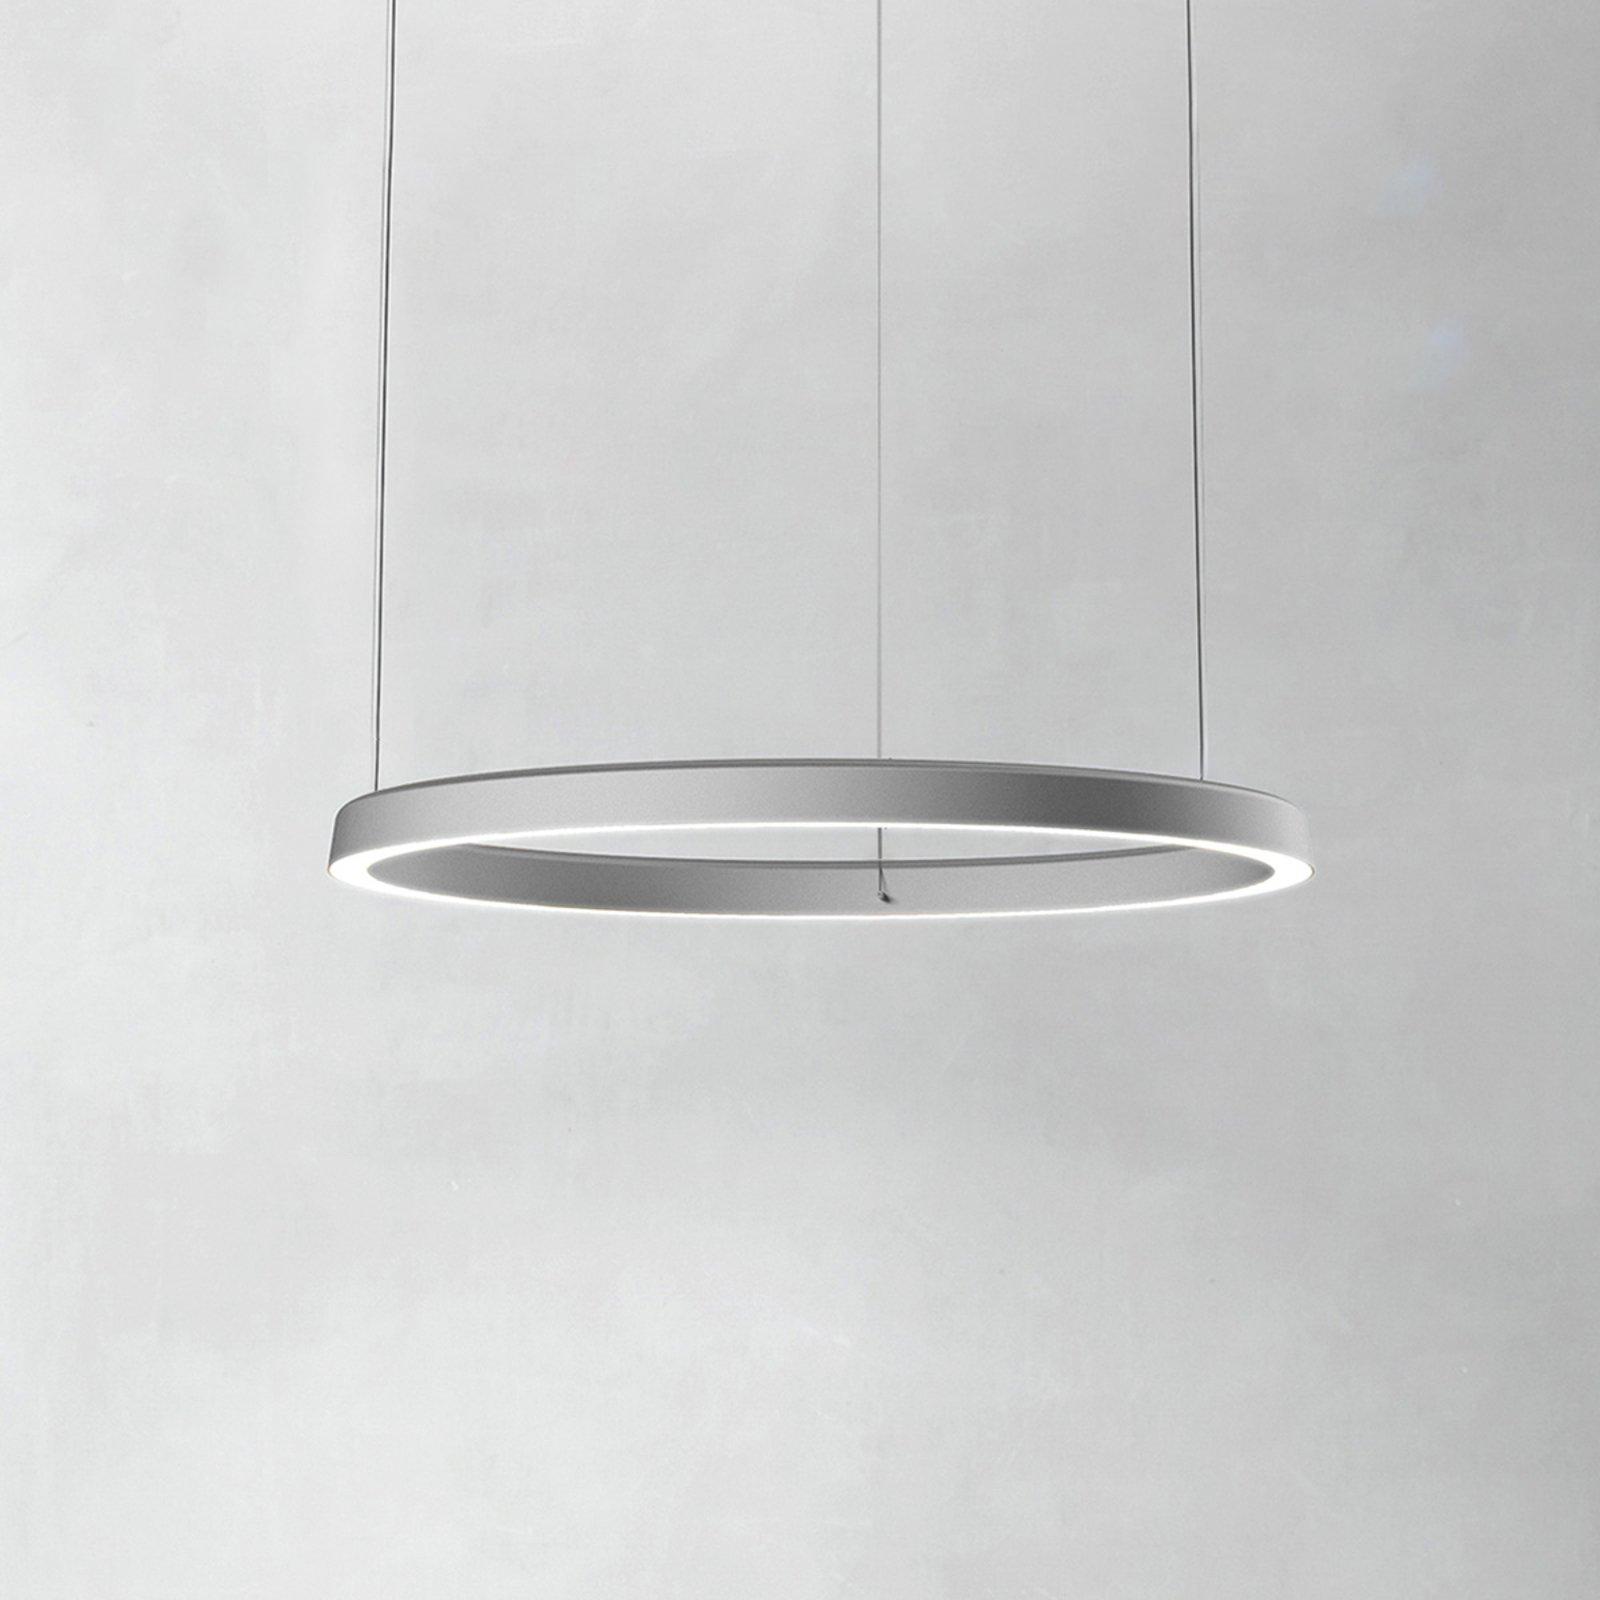 Luceplan Compendium Circle 72cm, aluminium